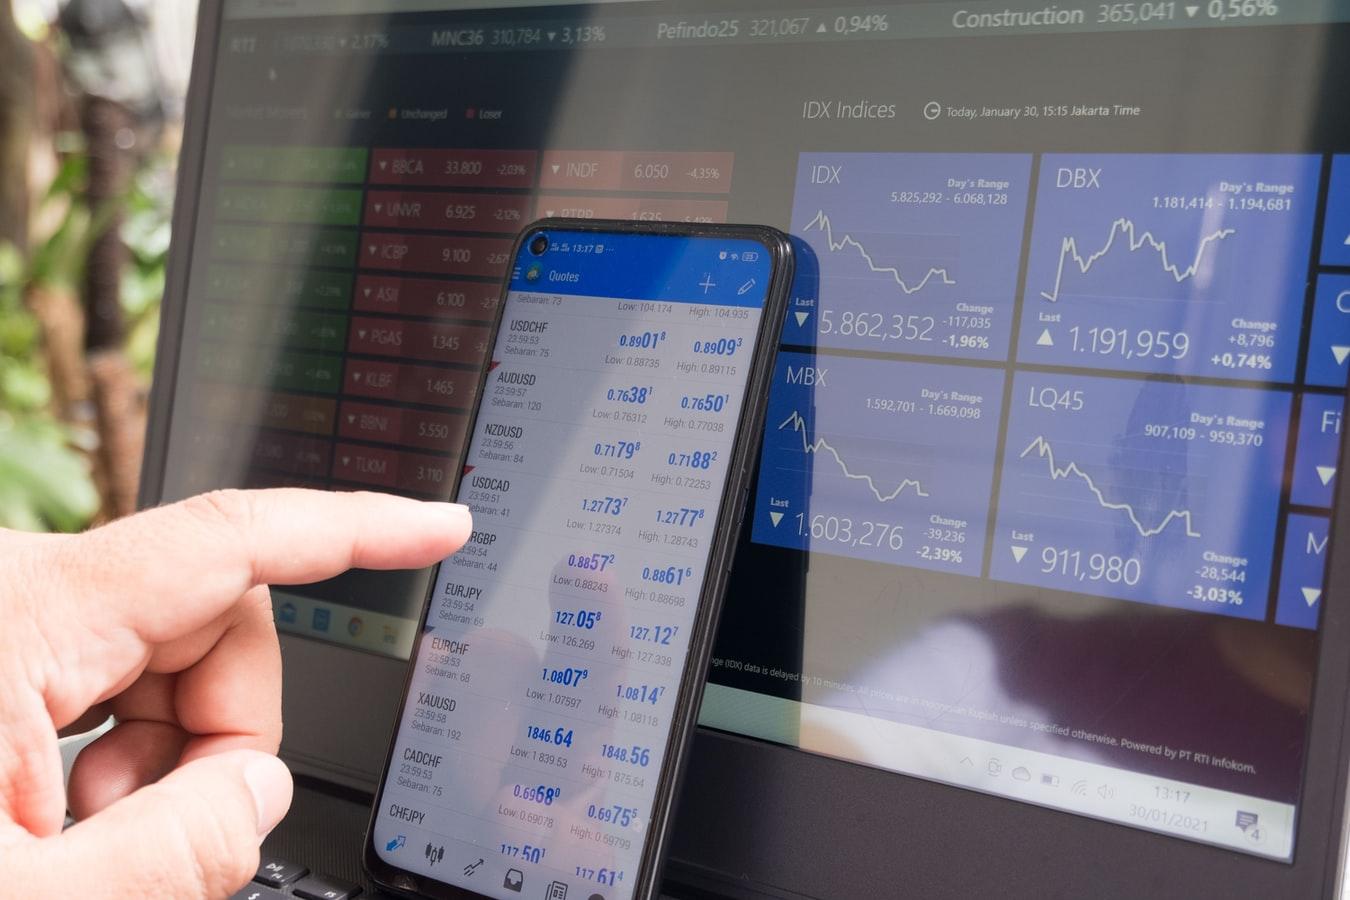 imagem - mão mexendo em um smartphone em frente a uma tela de computador acompanhando resultados de investimentos